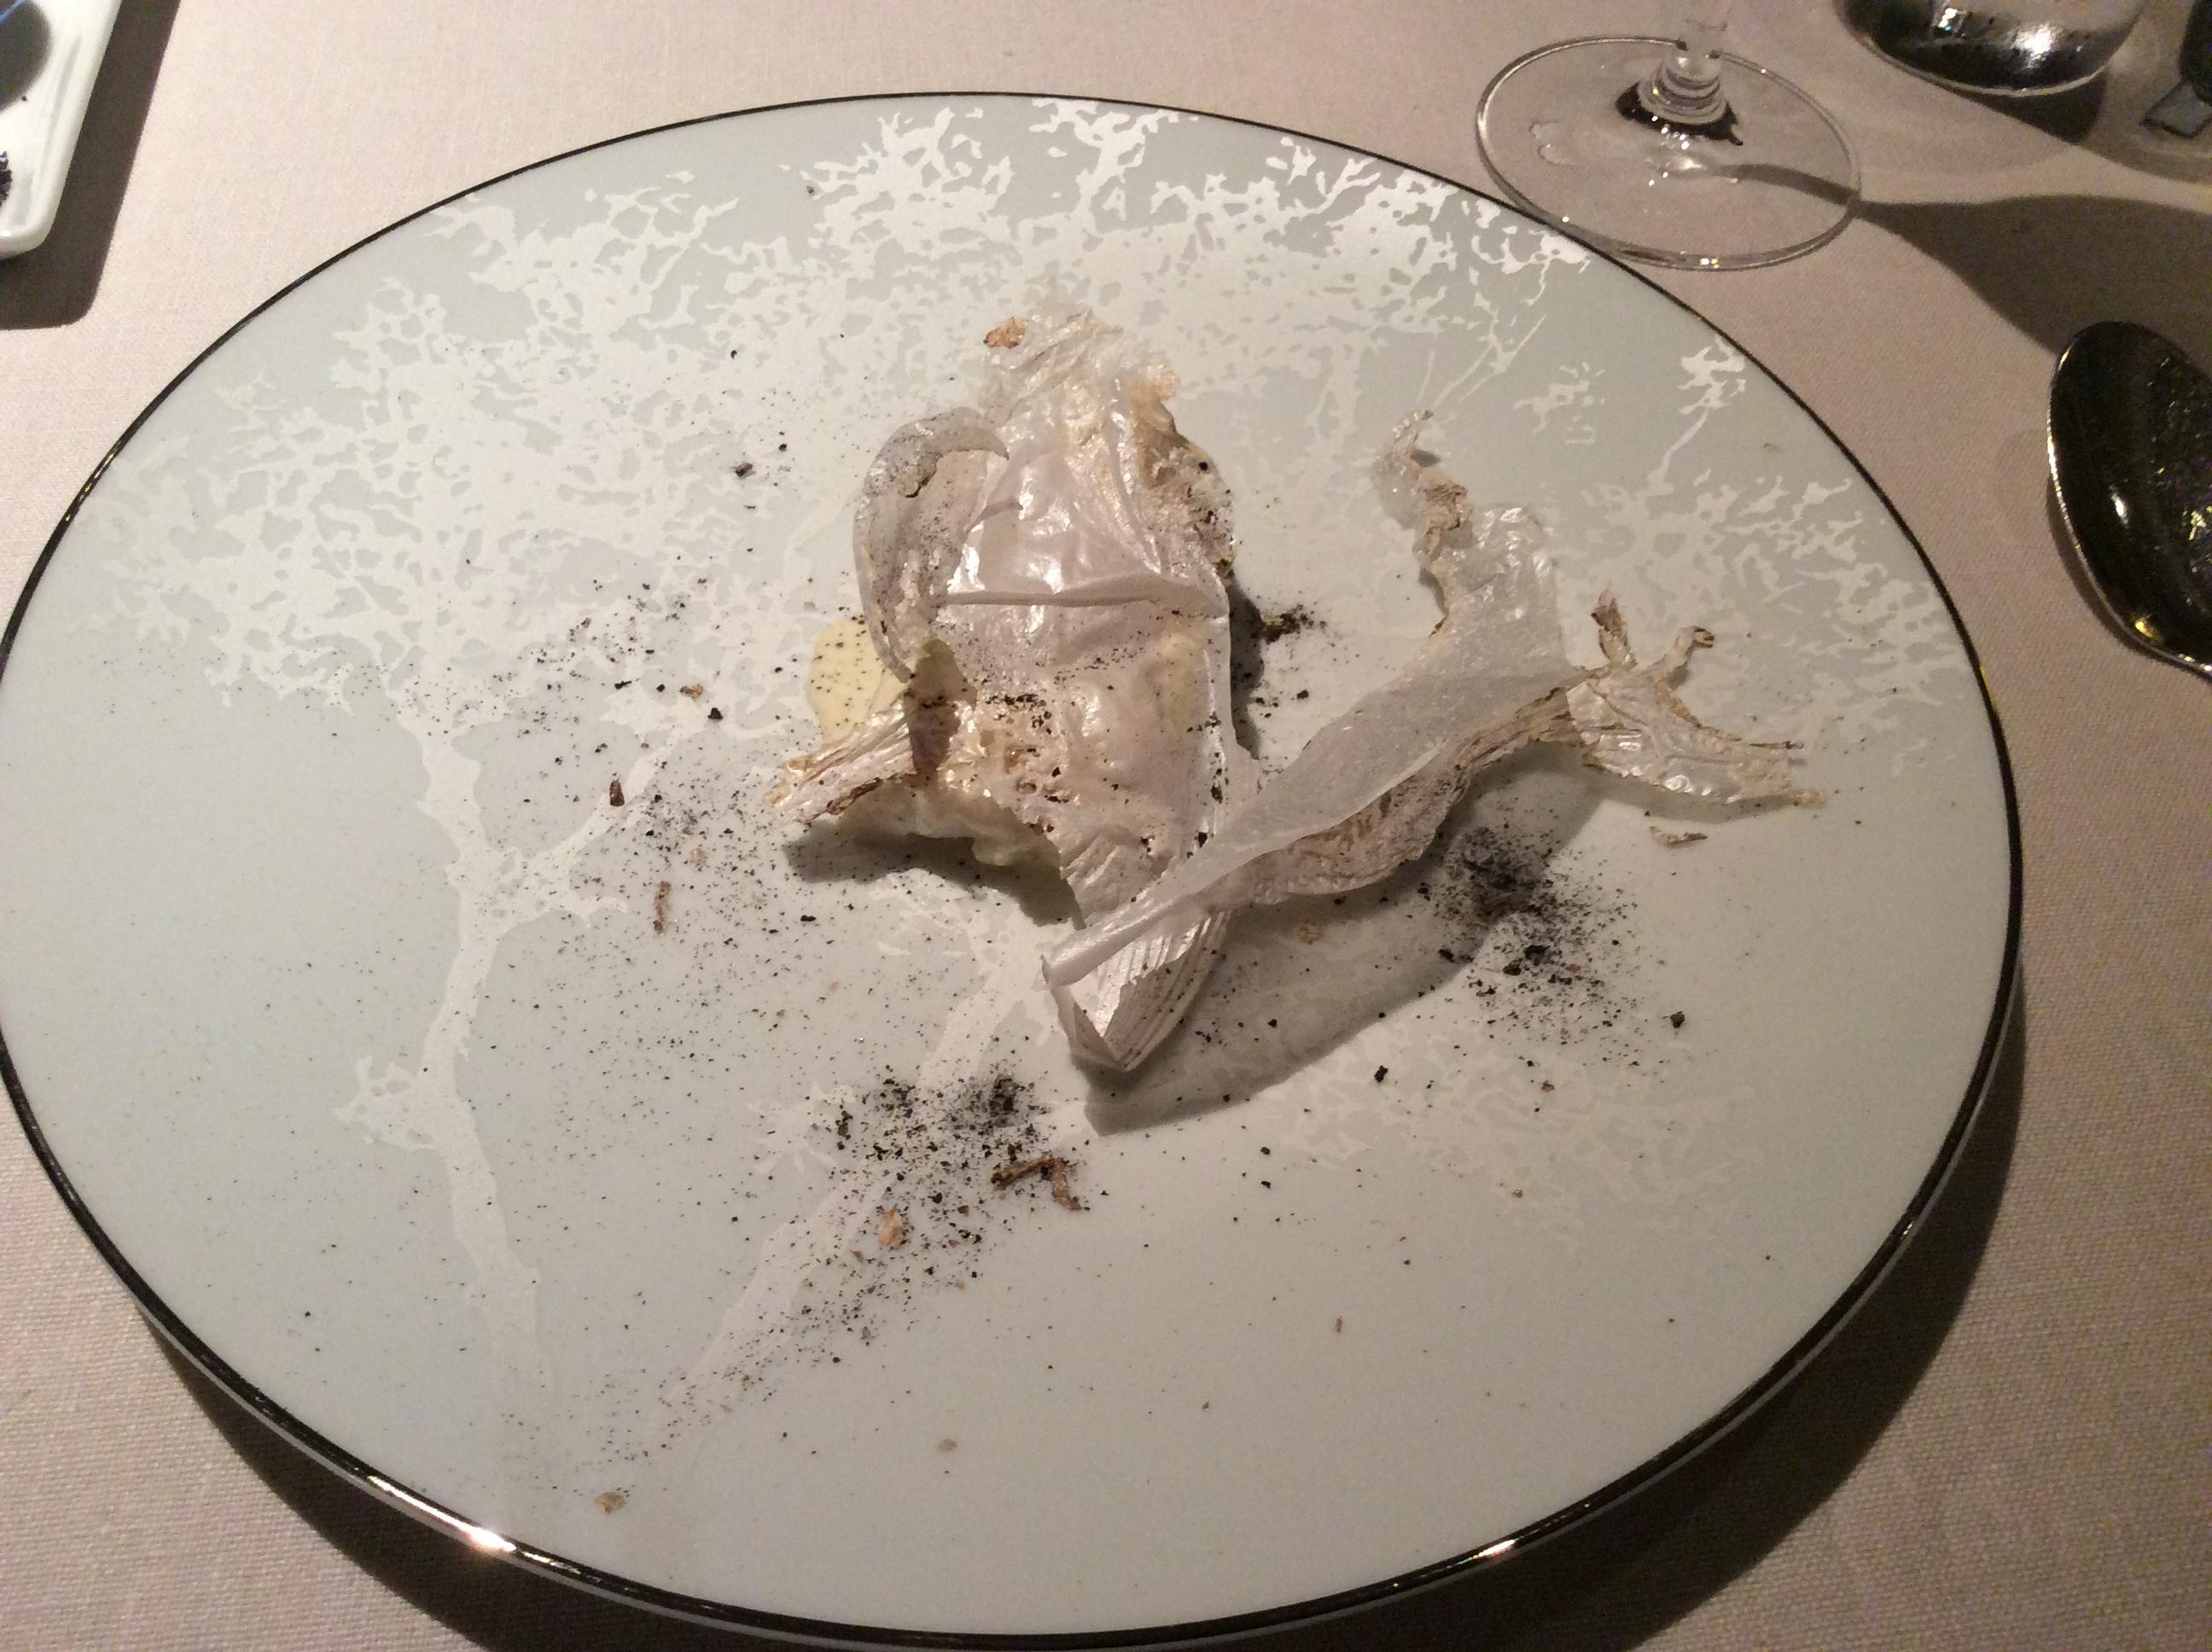 http://gourmet-italian.com/529.JPG